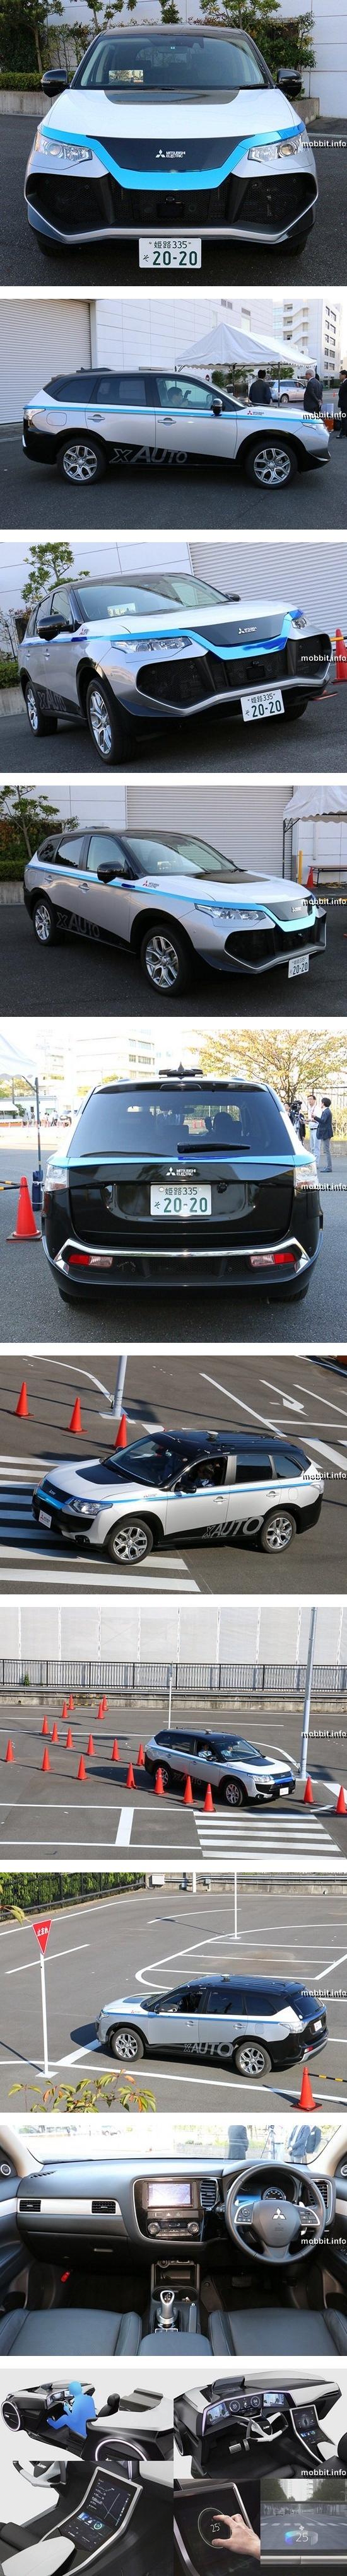 Mitsubishi EMIRAI3 xAUTO